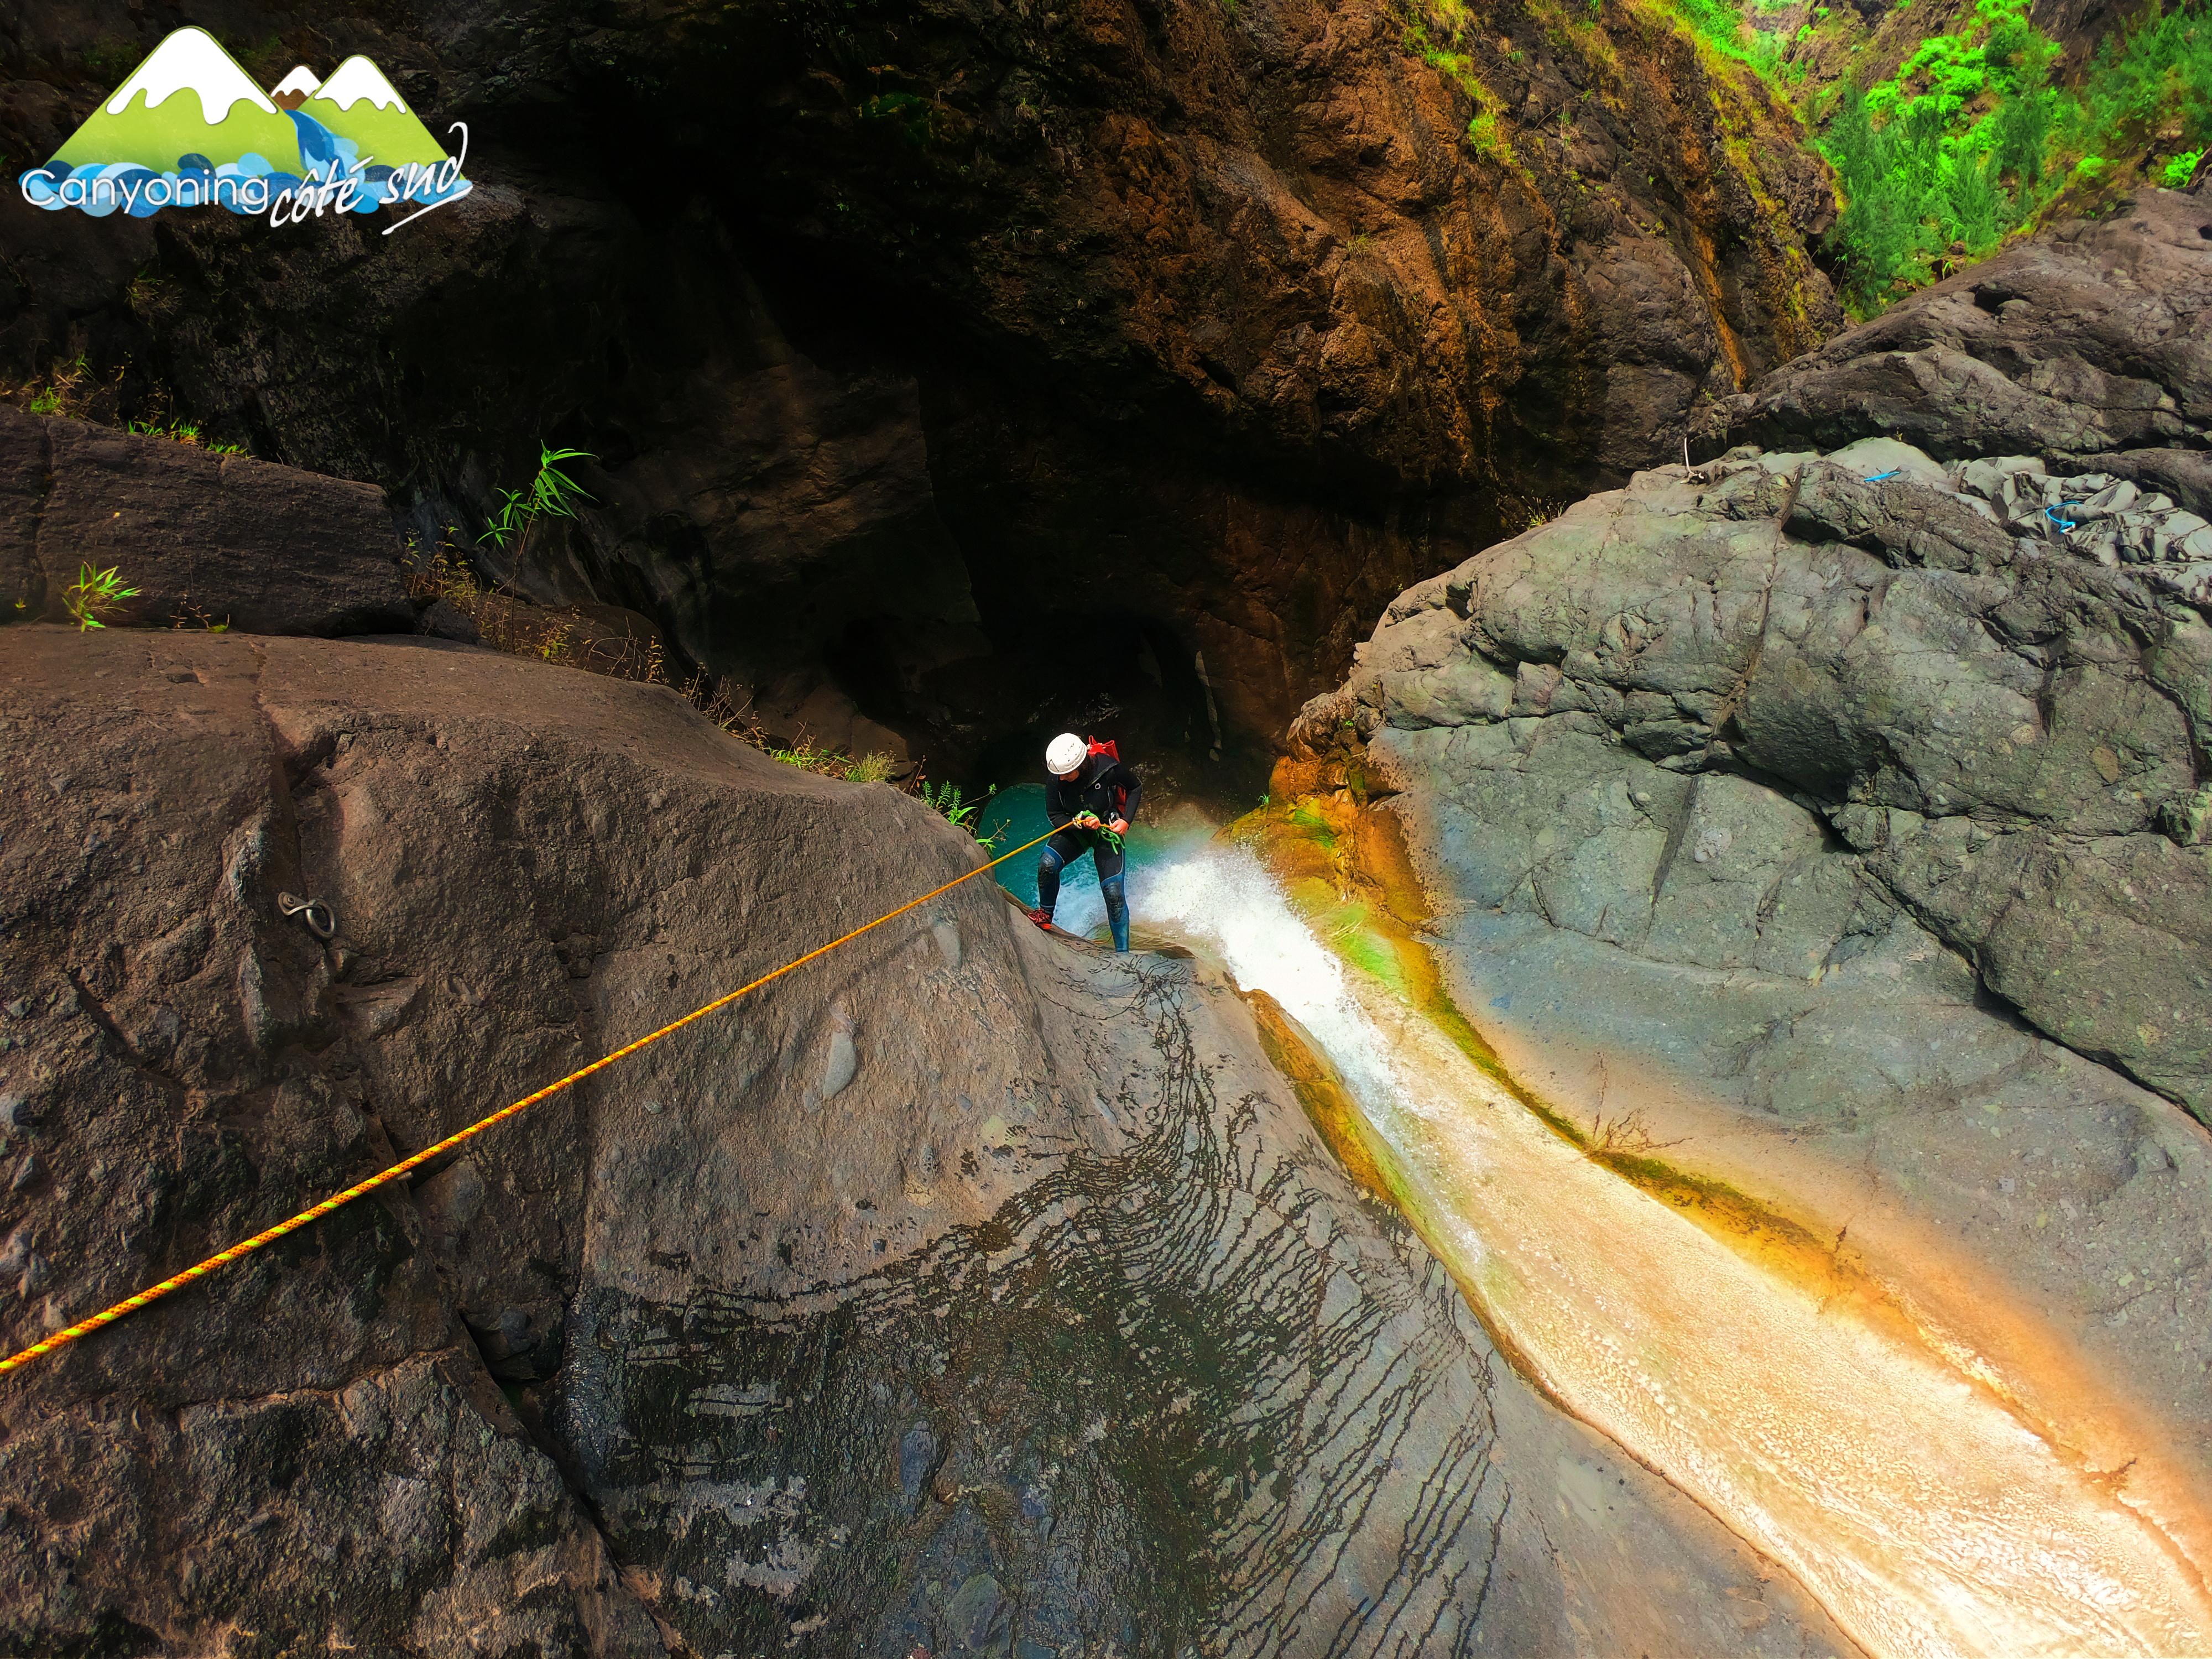 Canyoning Pyrénées-Orientales. Belle photo de rappel de votre guide canyononing Sébastien